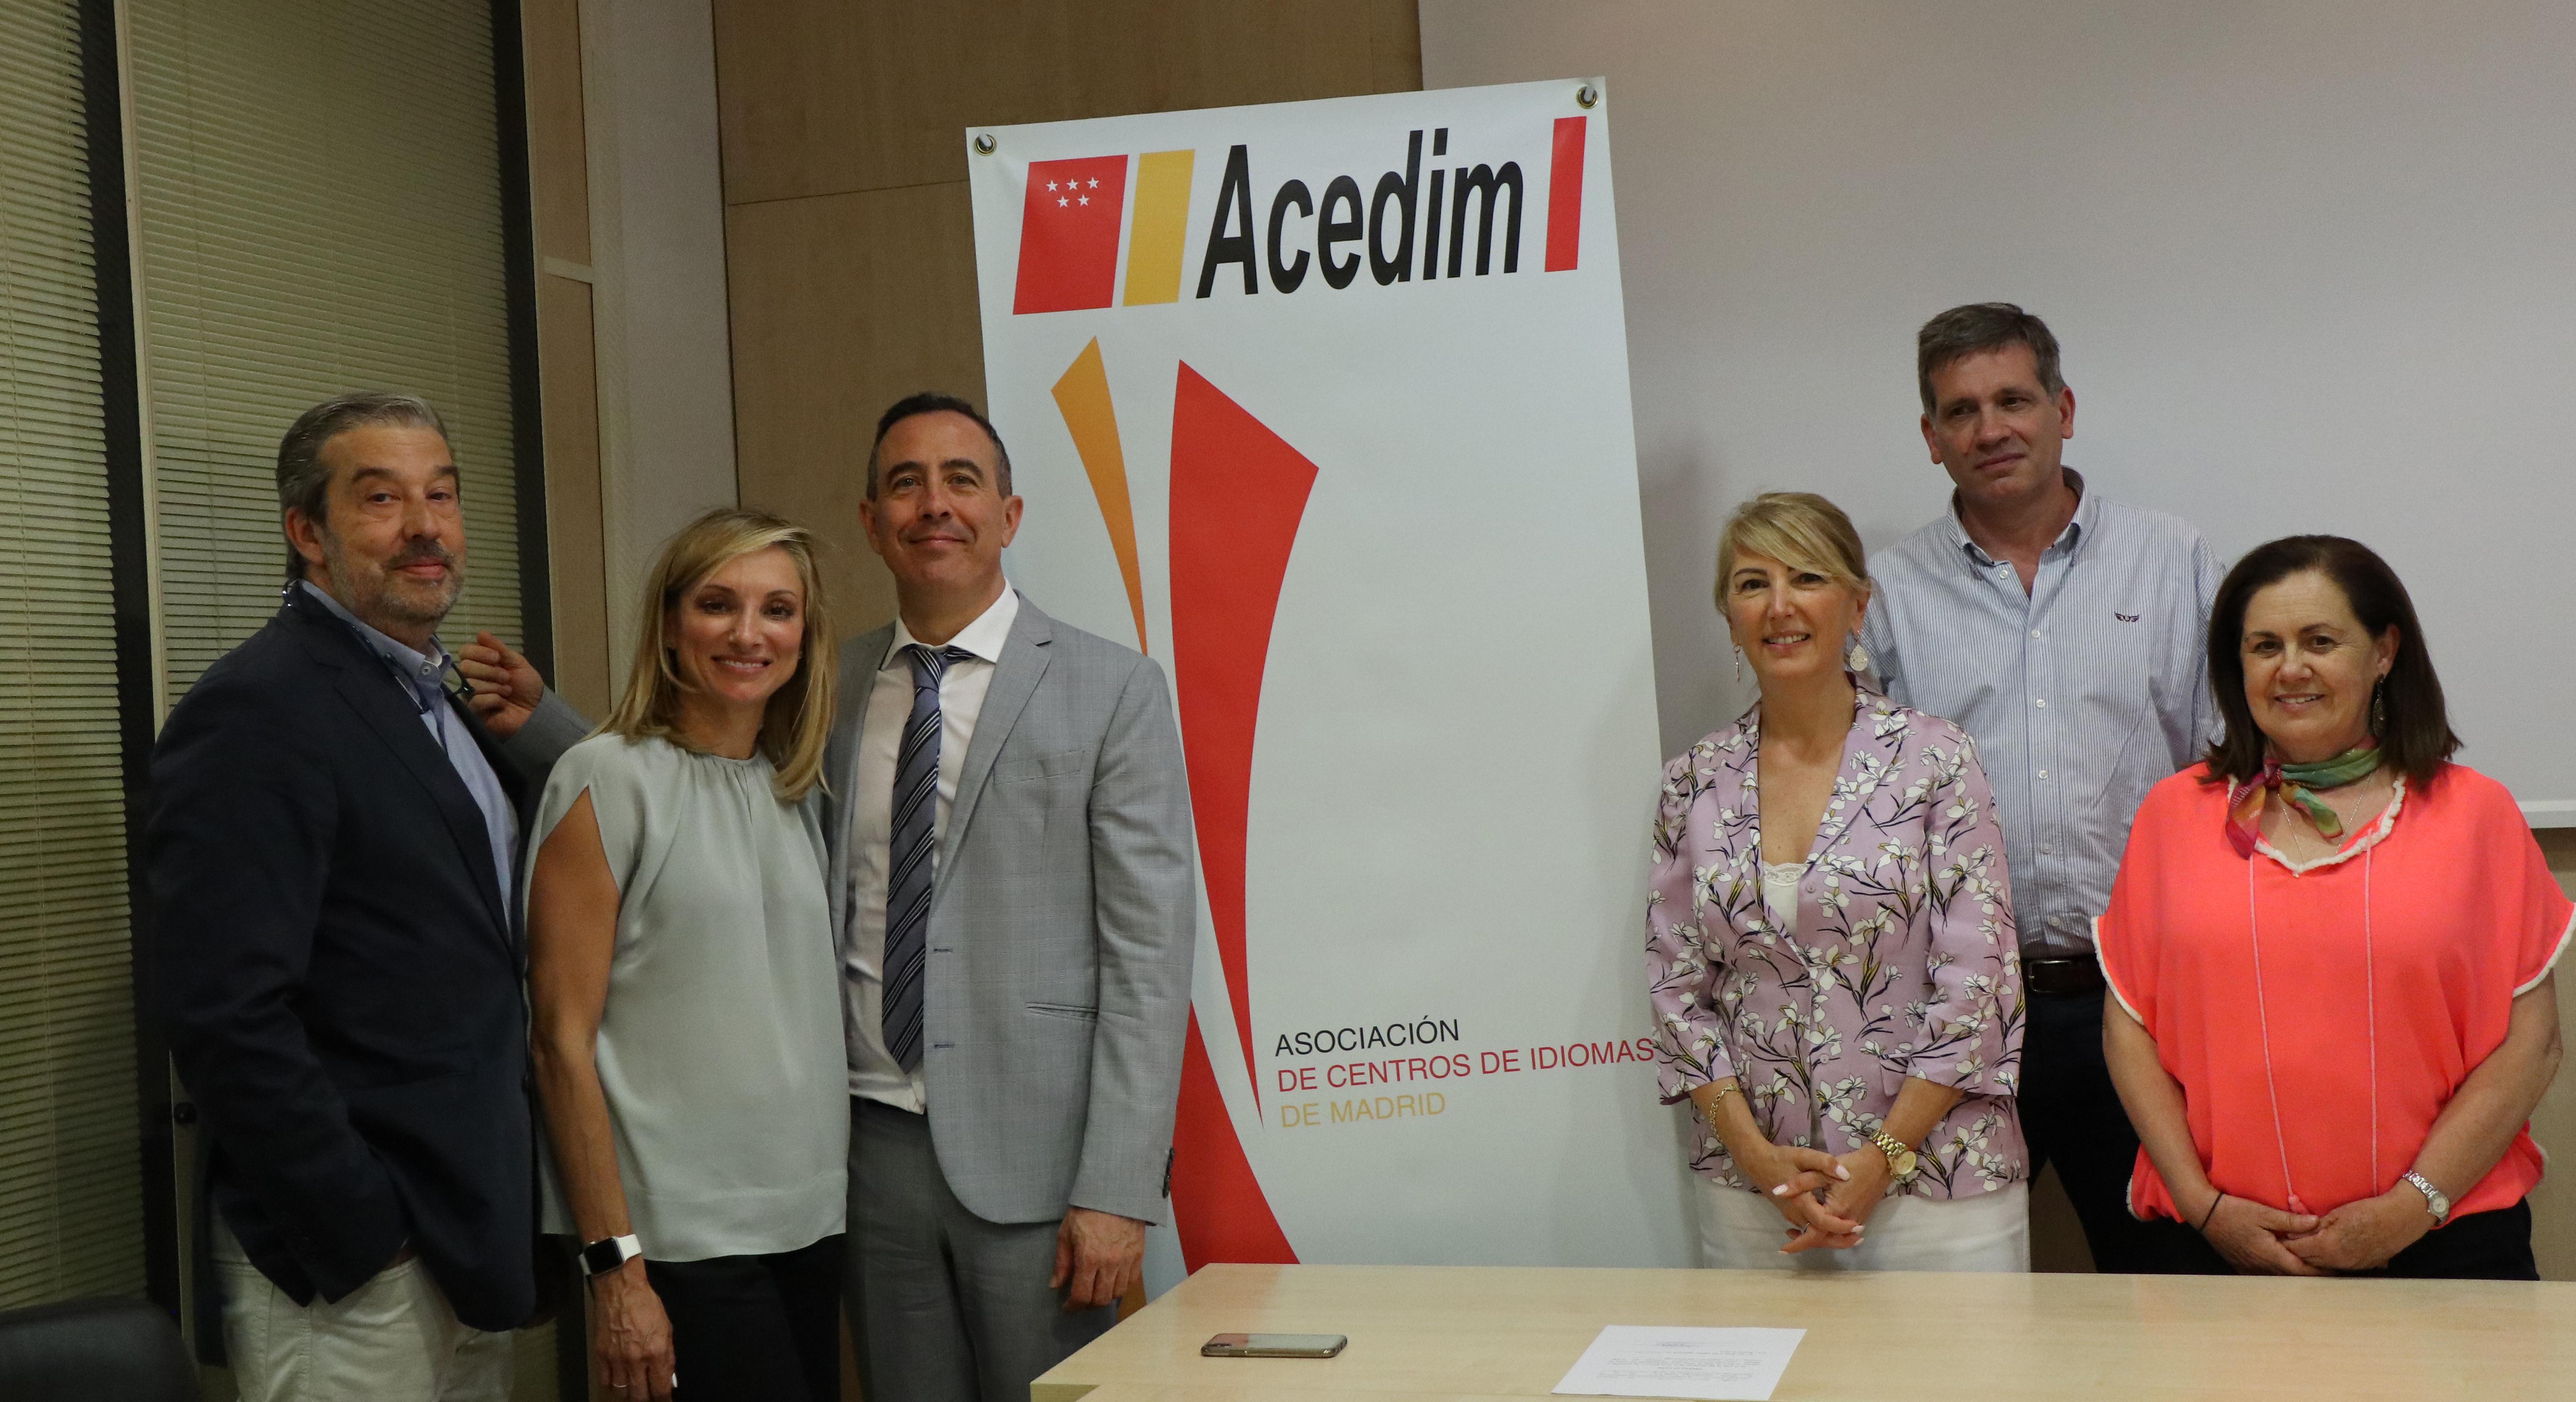 junta directiva acedin 2019 - ACEDIM promociona la asistencia a Edumanager a sus centros asociados